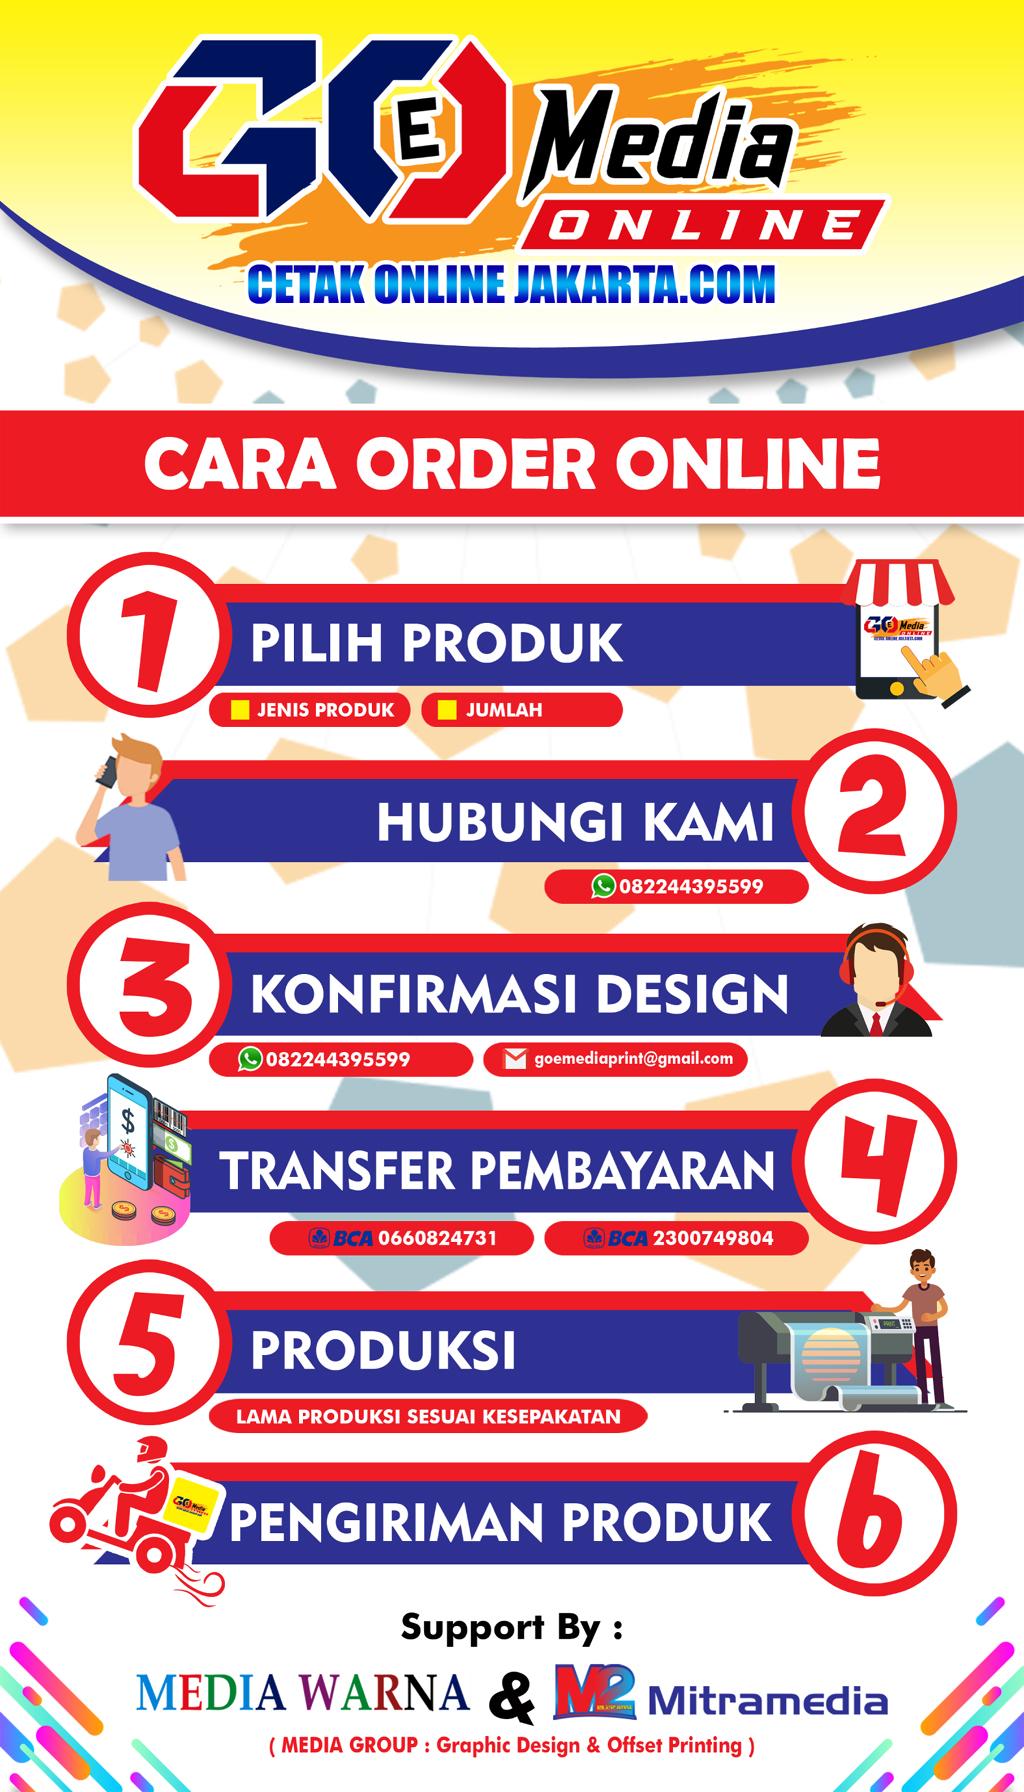 Profil Cetak Online Jakarta